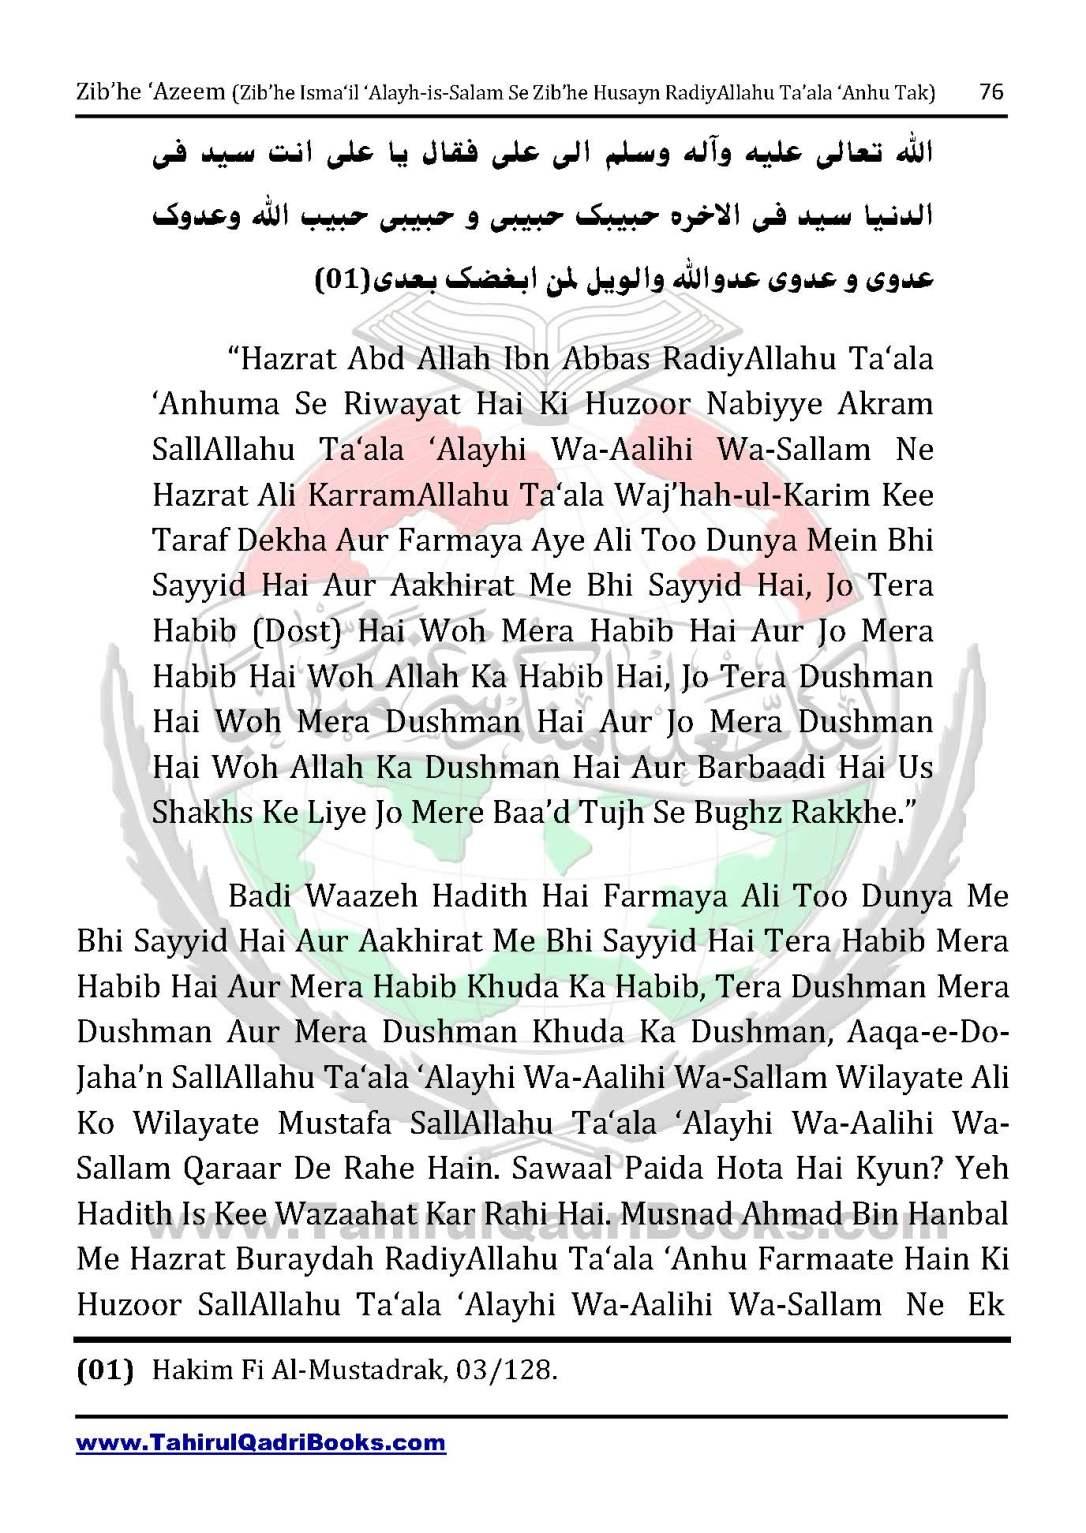 zib_he-e28098azeem-zib_he-ismacabbil-se-zib_he-husayn-tak-in-roman-urdu-unlocked_Page_076